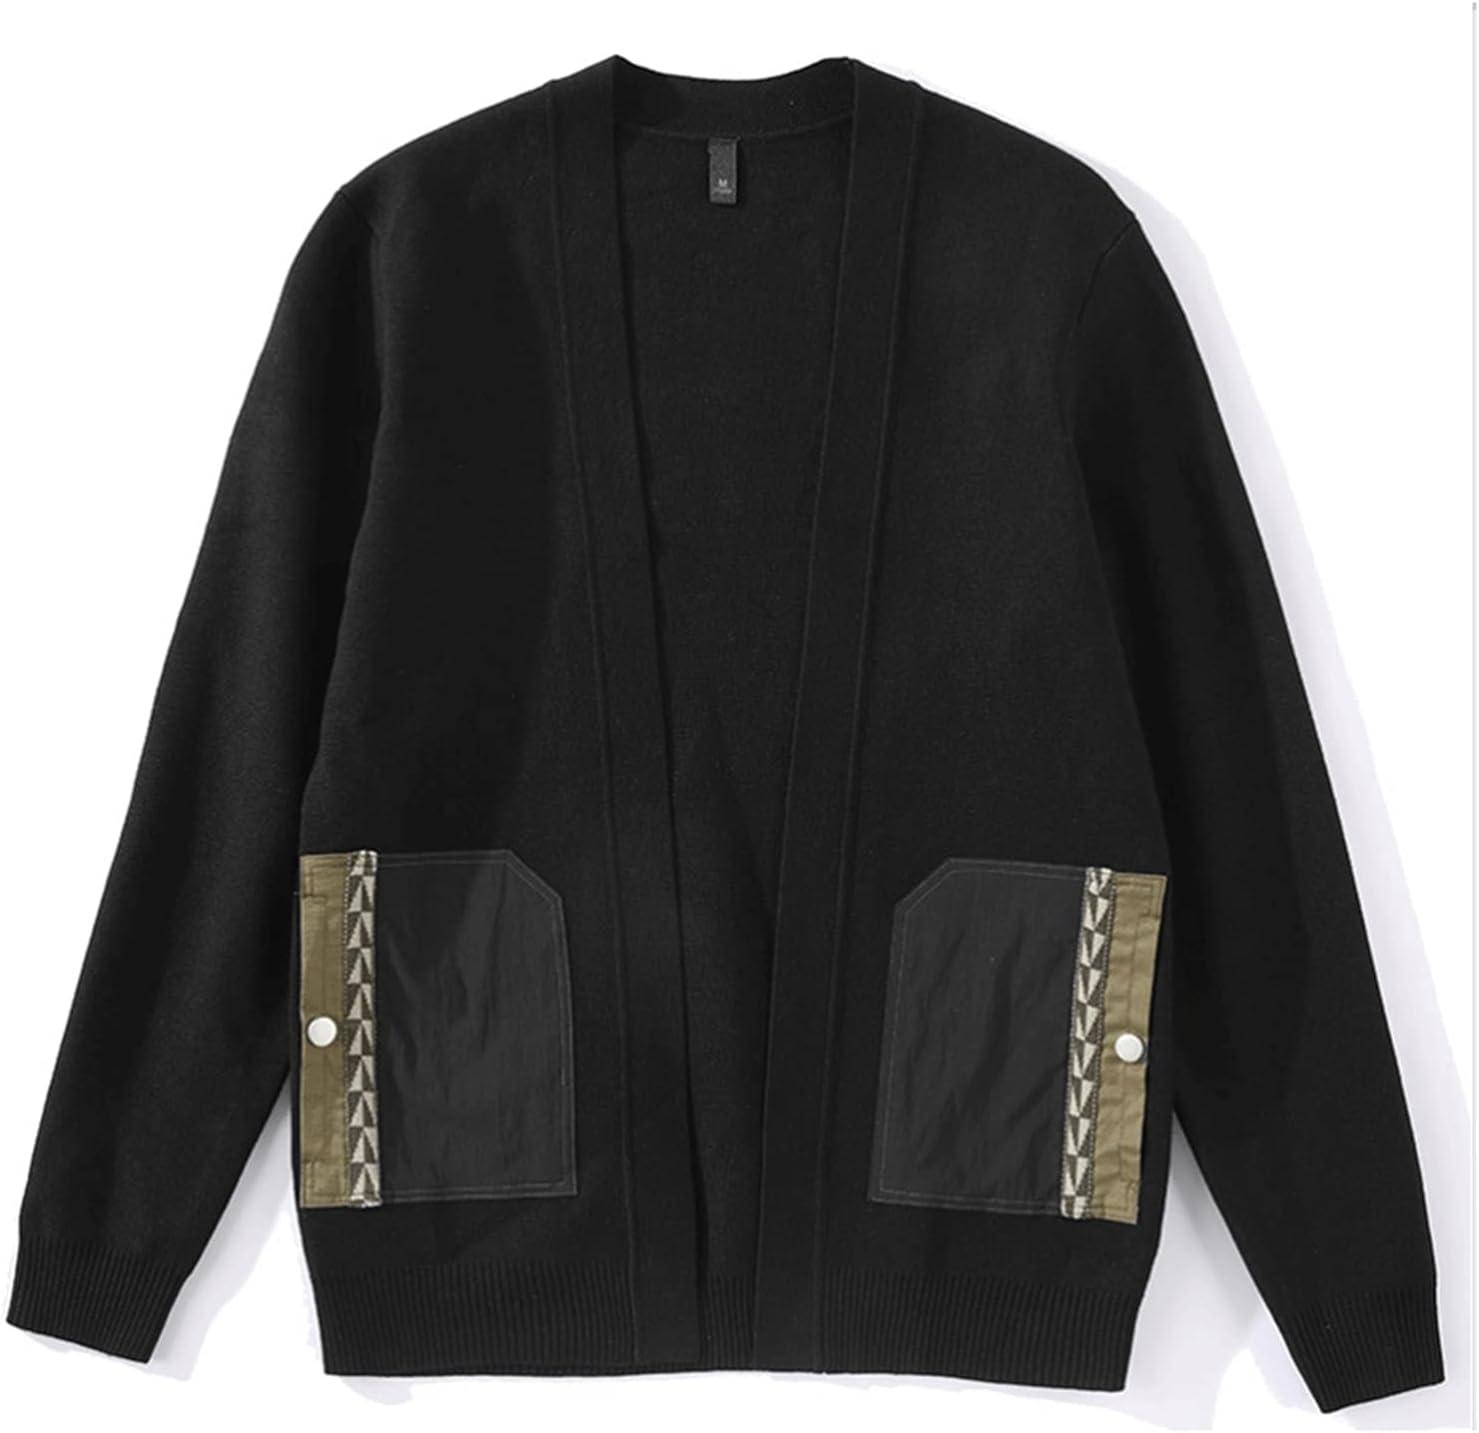 TJLSS Patchwork Lapel Sweater Zipper Pocket Decoration Men's Retro Slim Knit Cardigan (Color : Black, Size : XL Code)